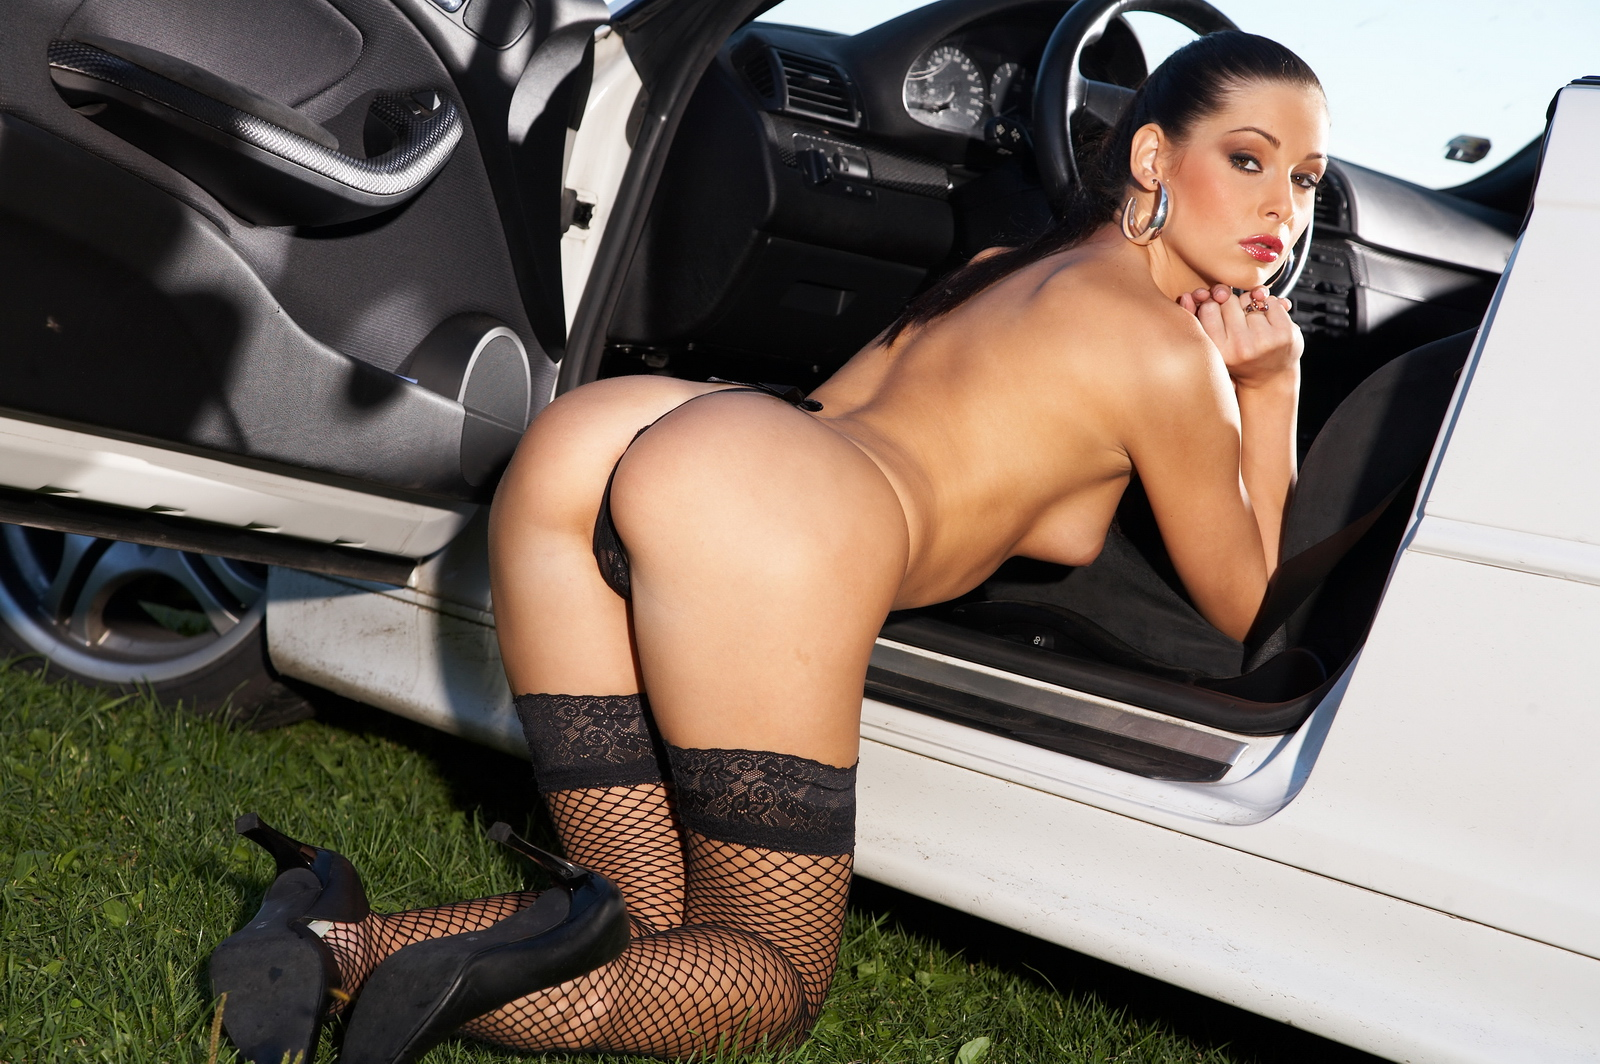 Порно девушки чулки авто, порно видео писклявых телочек